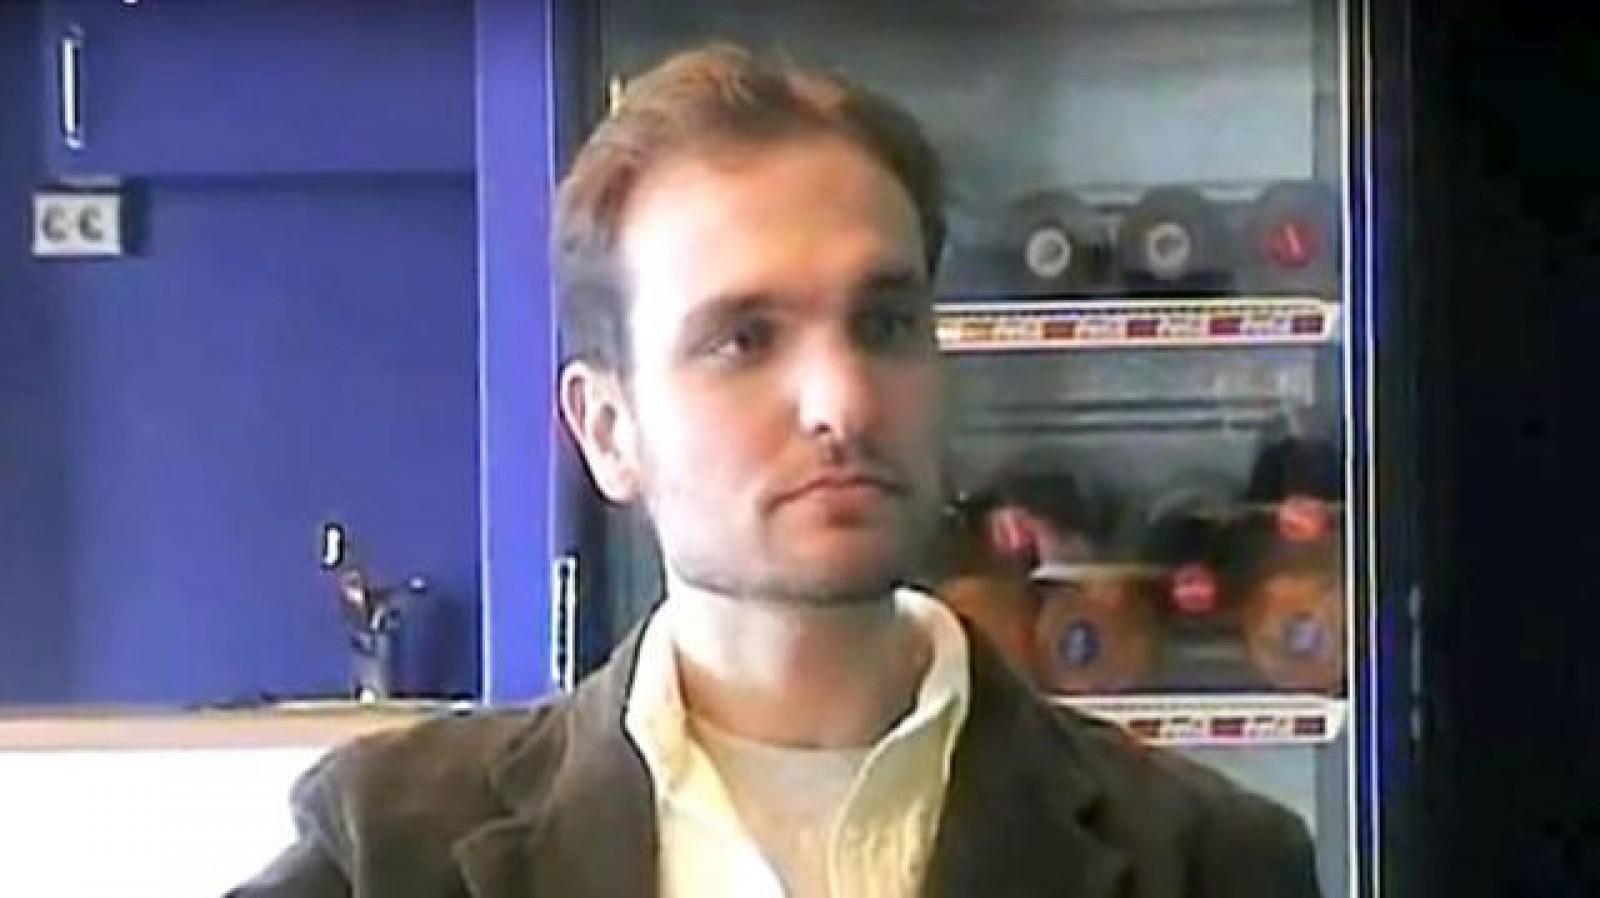 Unul dintre creatorii jocului Counter-Strike a fost arestat. Este suspectat de exploatarea sexuală a unui copil